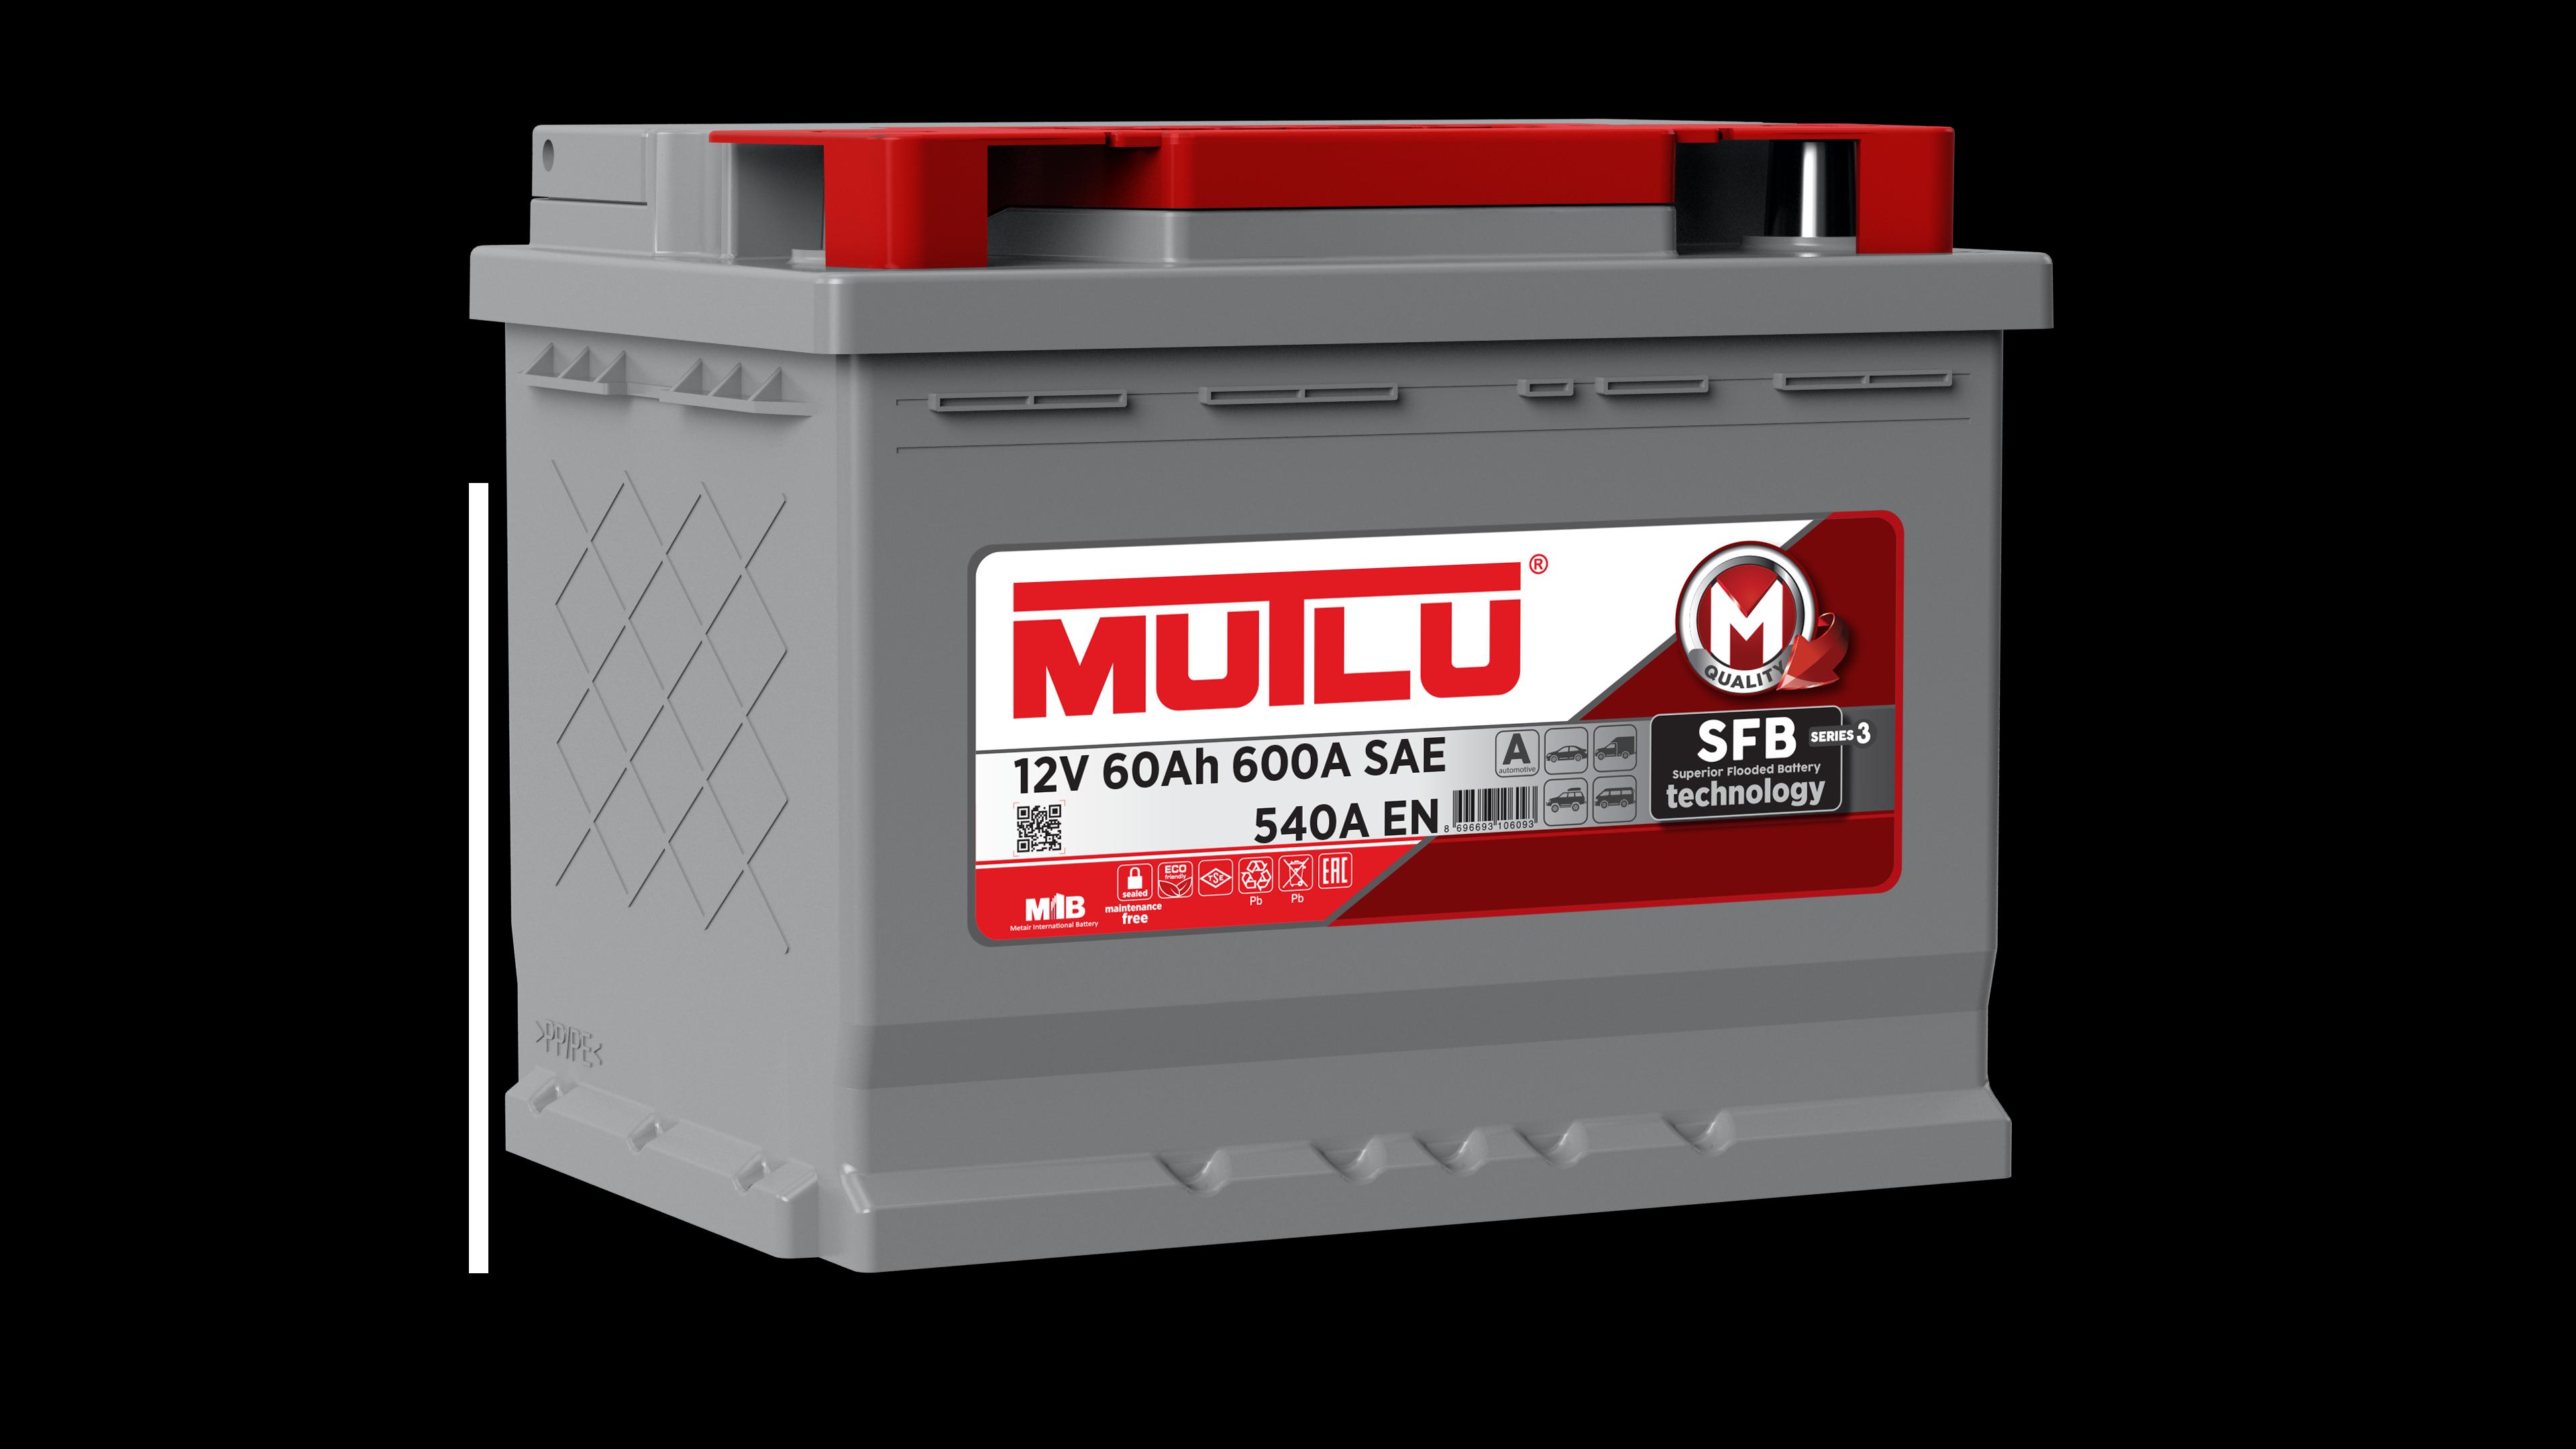 Mutlu L260054B Батарея аккумуляторная 60А/ч 540А 12В прямая поляр. стандартные клеммы